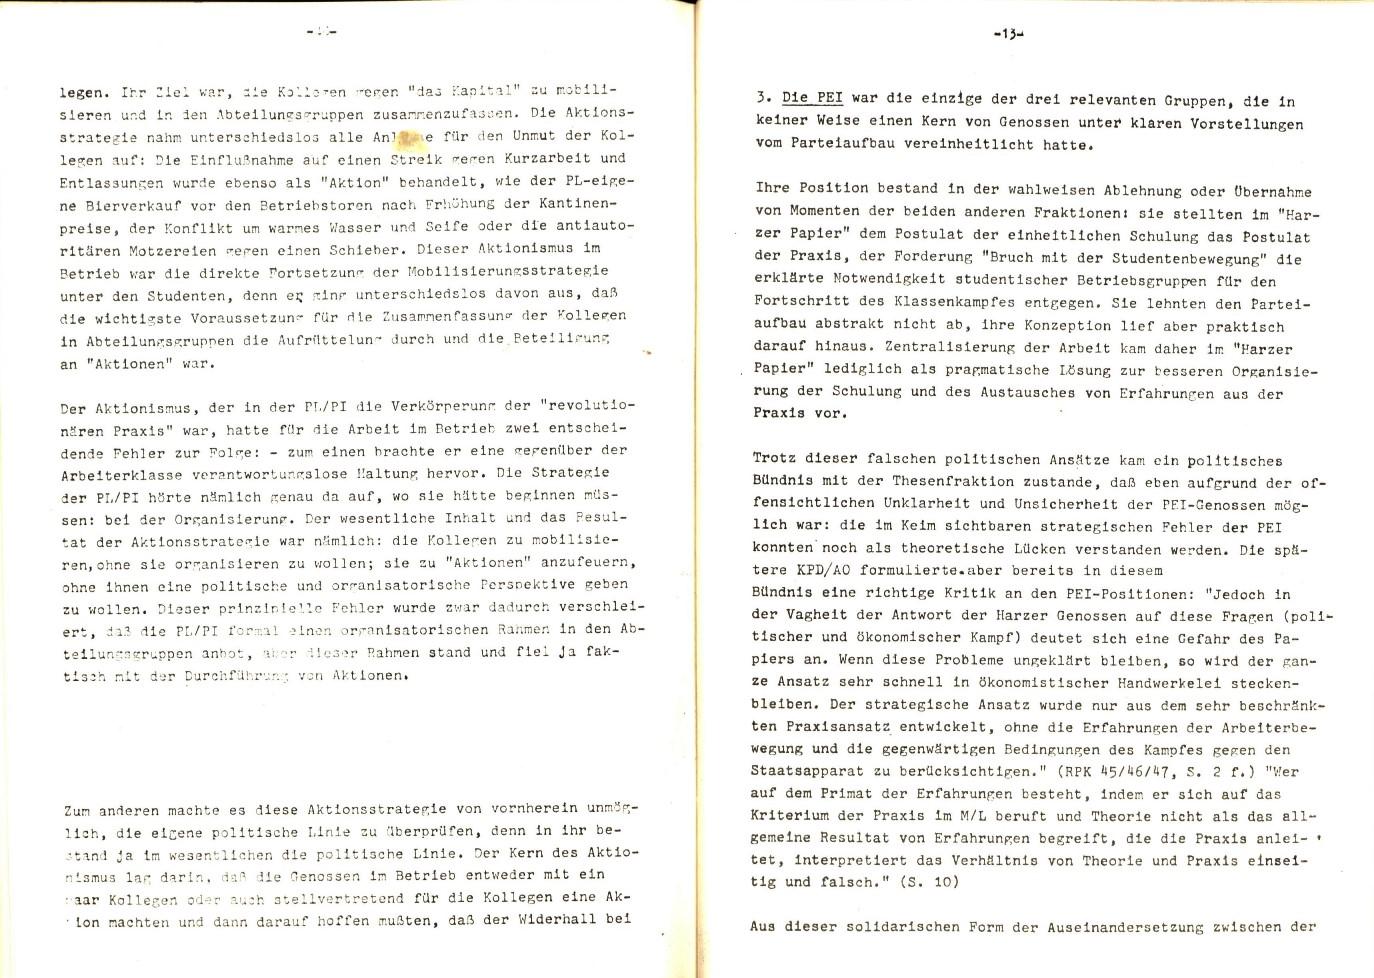 PLPI_1971_Aufloesung_23